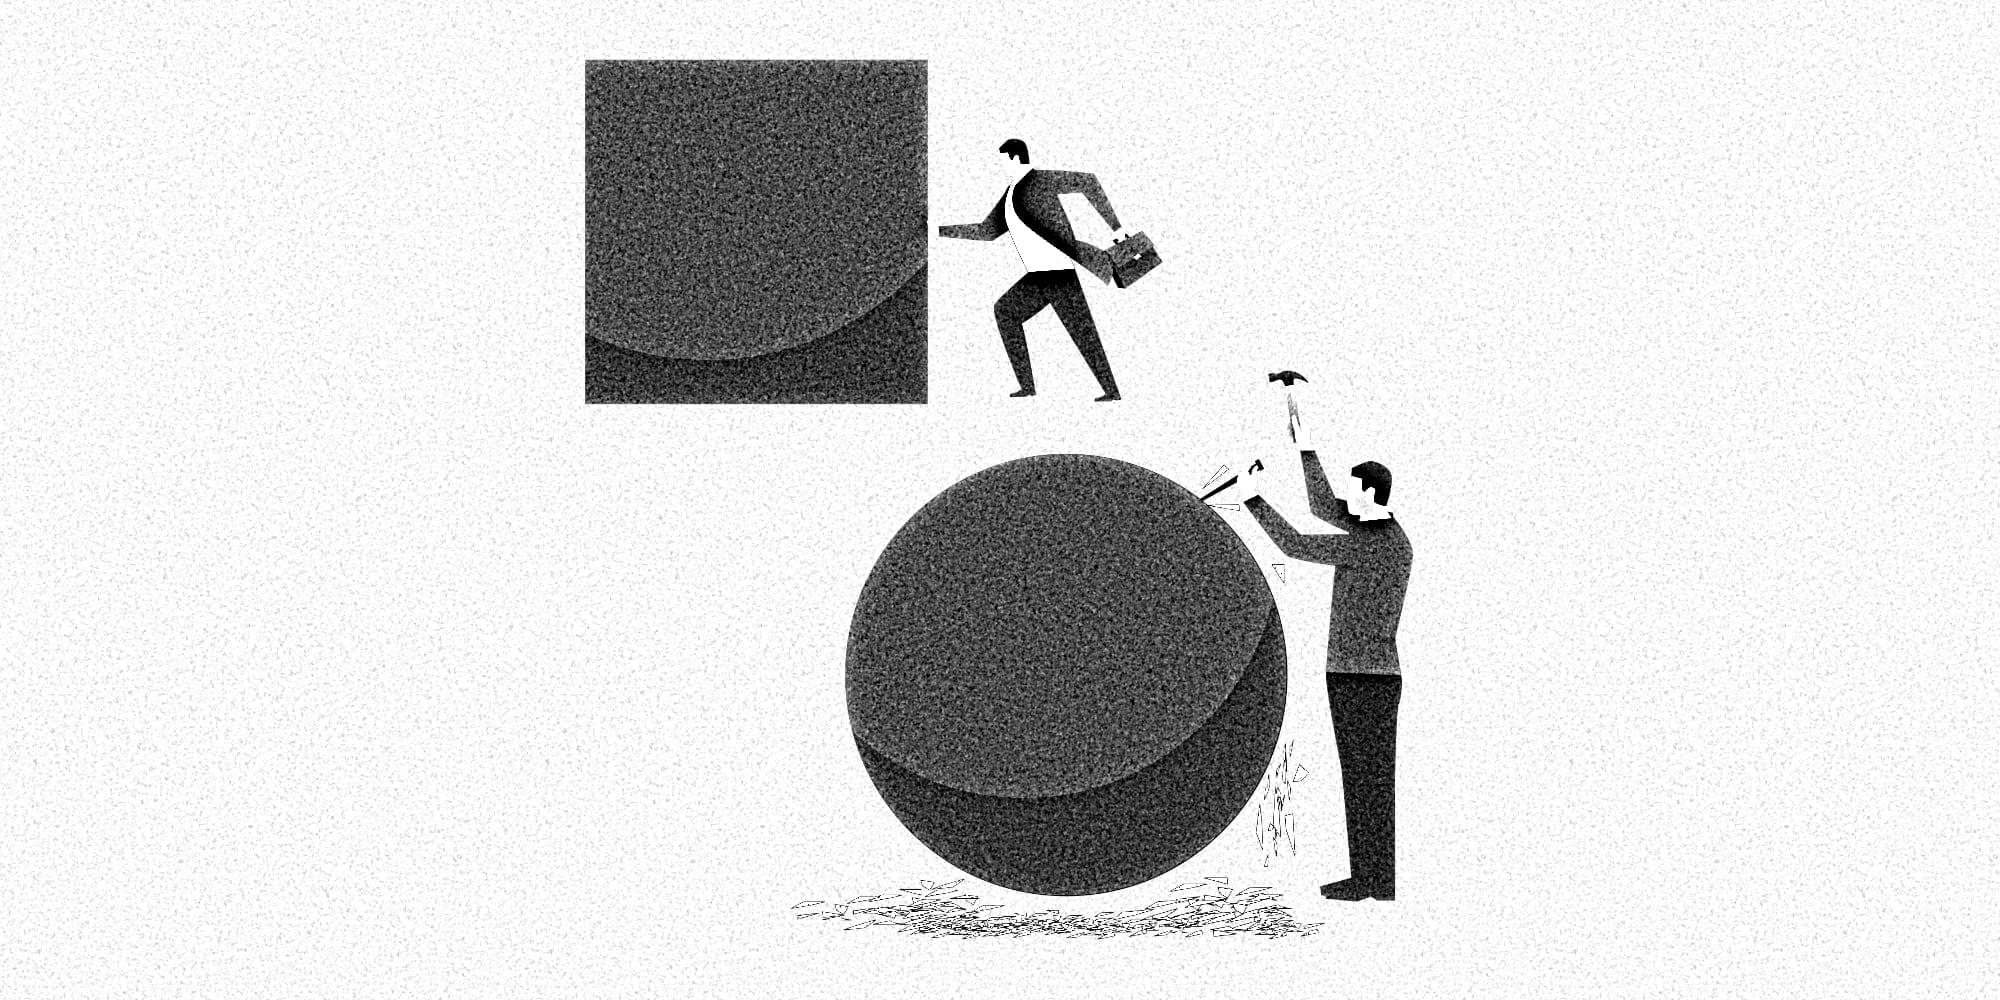 Grafische Darstellung eines Menschen, der ein großes Quadrat vor sich her schiebt, während ein zweiter Mensch das Quadrat zu einer Kugel formt, ehe er losläuft.